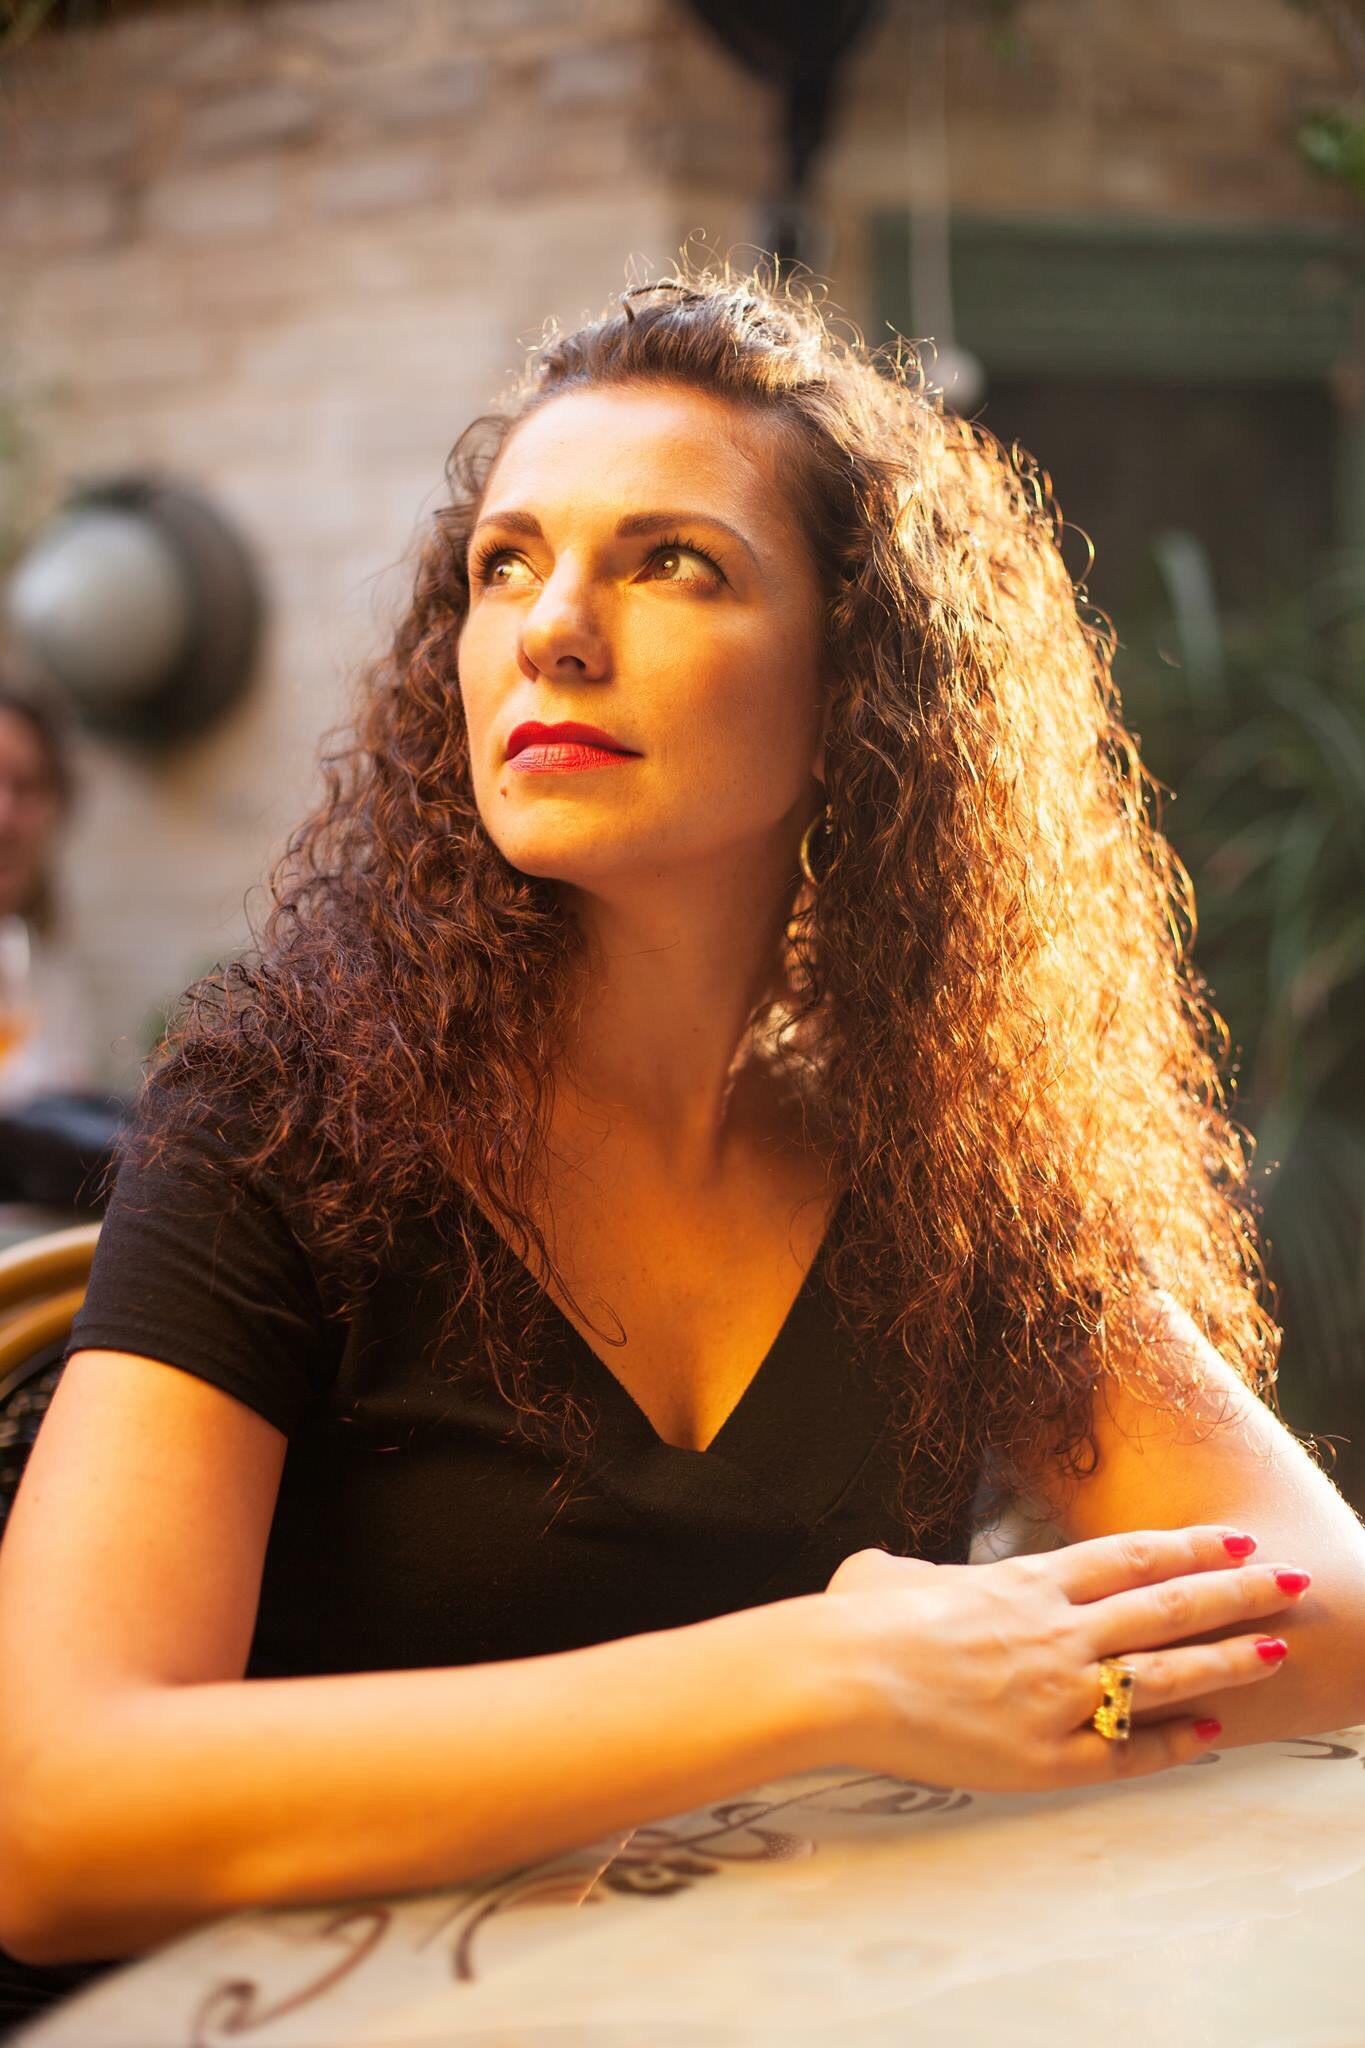 Natalie Vrublevsky